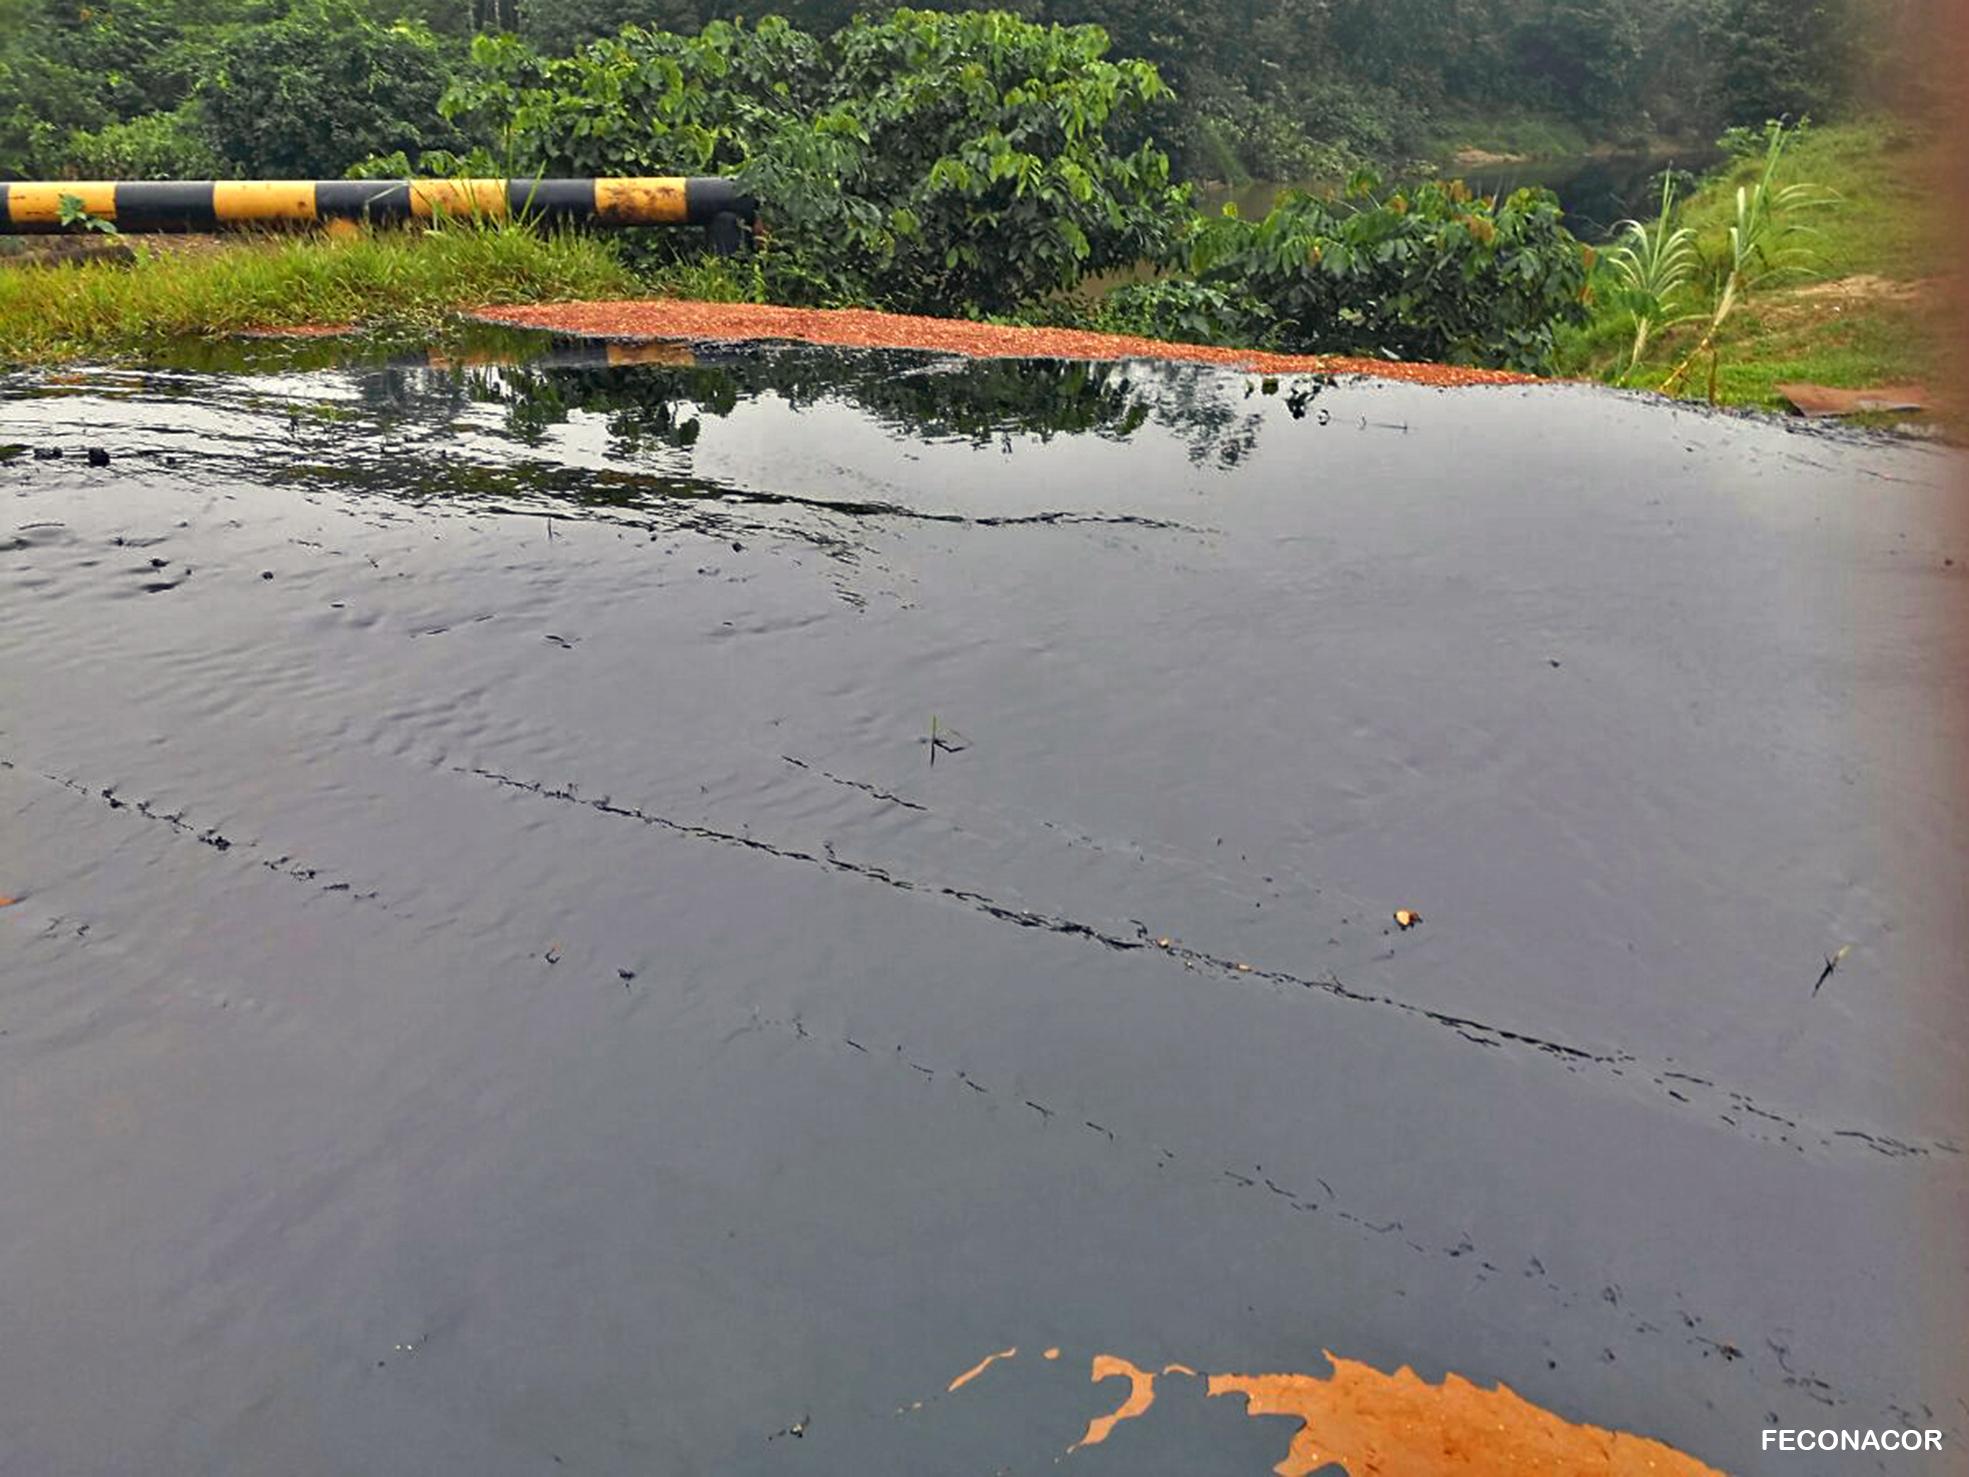 El derrame de petróleo se produjo el domingo 18 de febrero en el Lote 192, operado por la empresa Frontera Energy Corporation. Foto: Feconacor